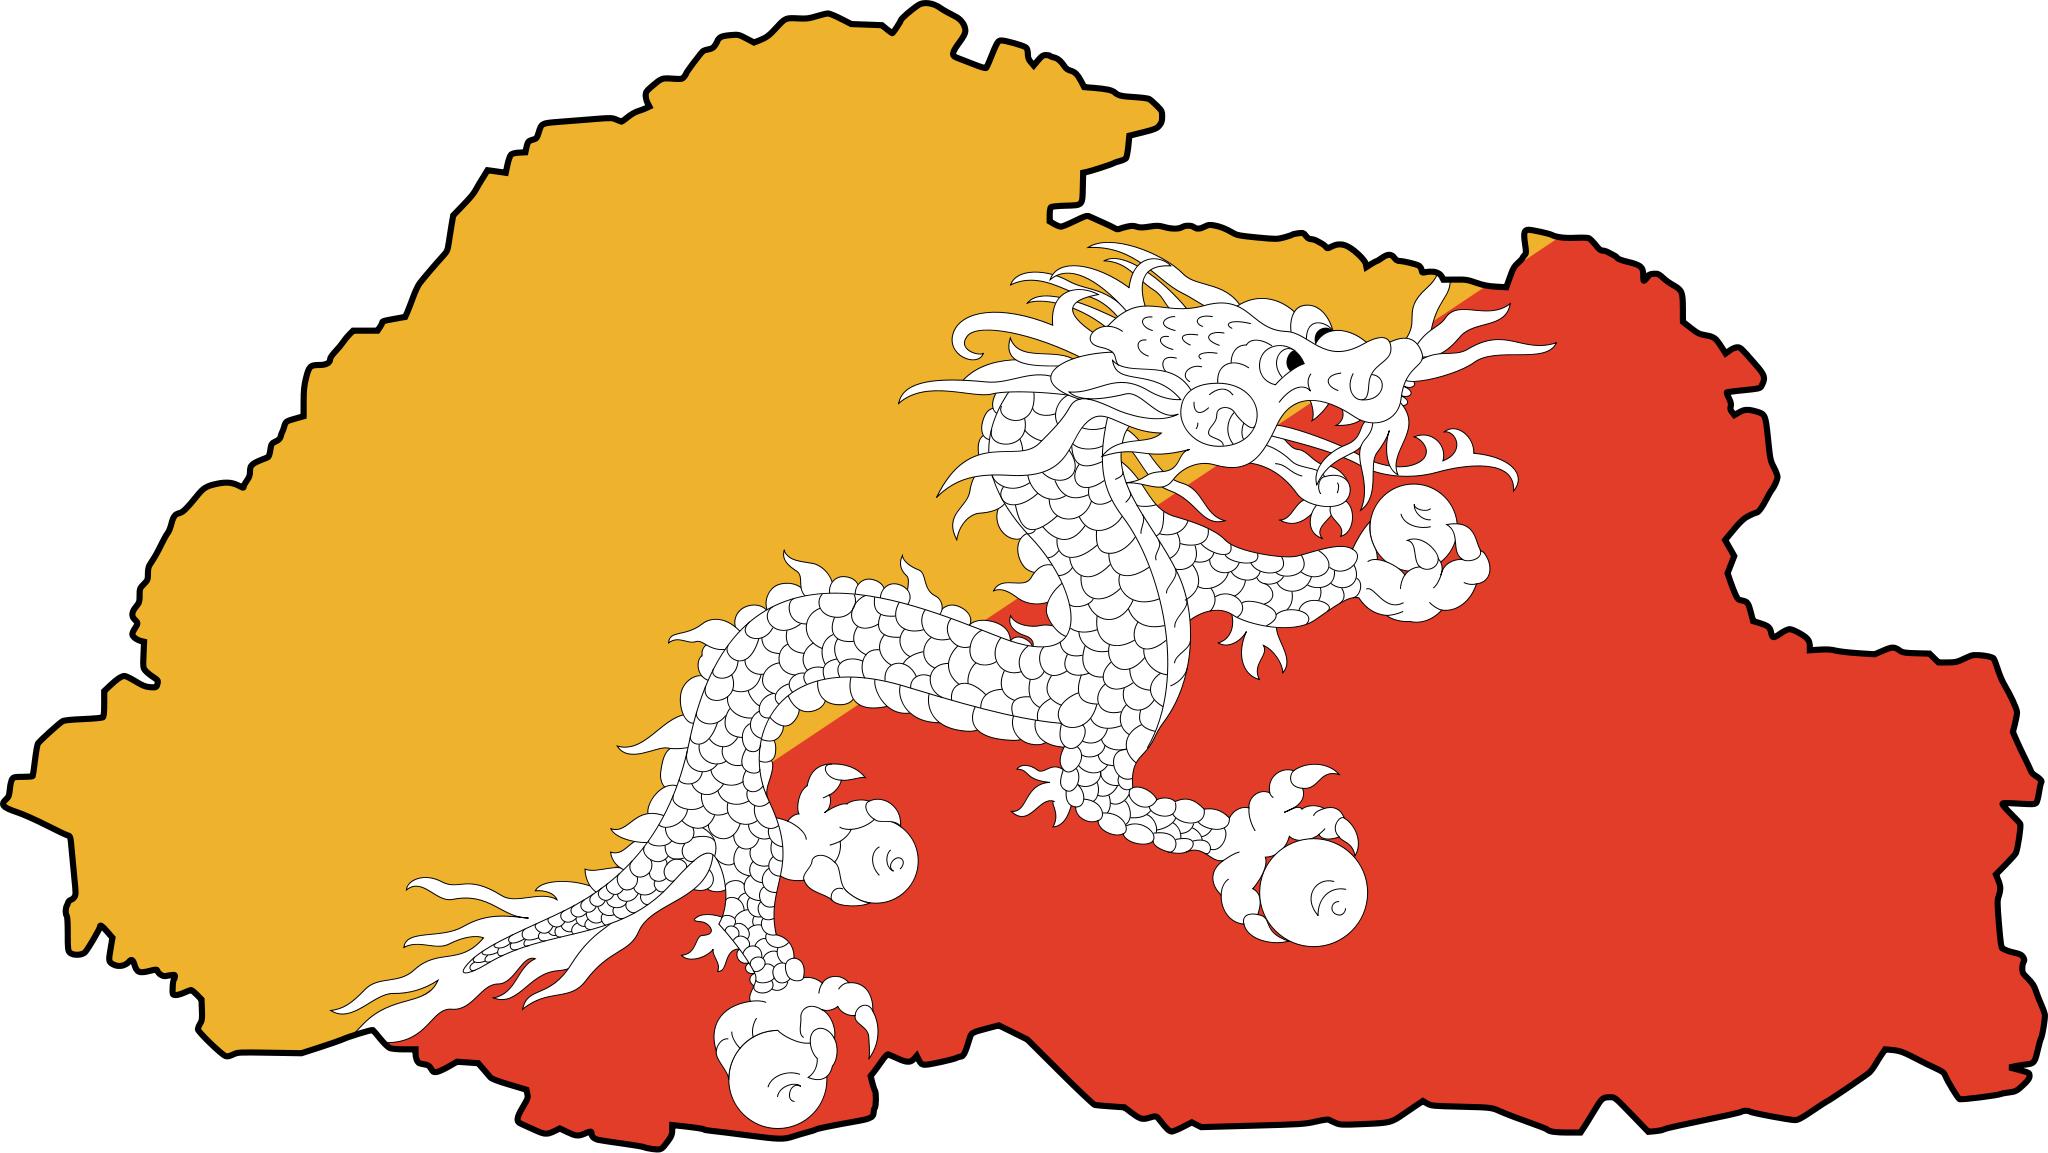 bhutan_flag_map